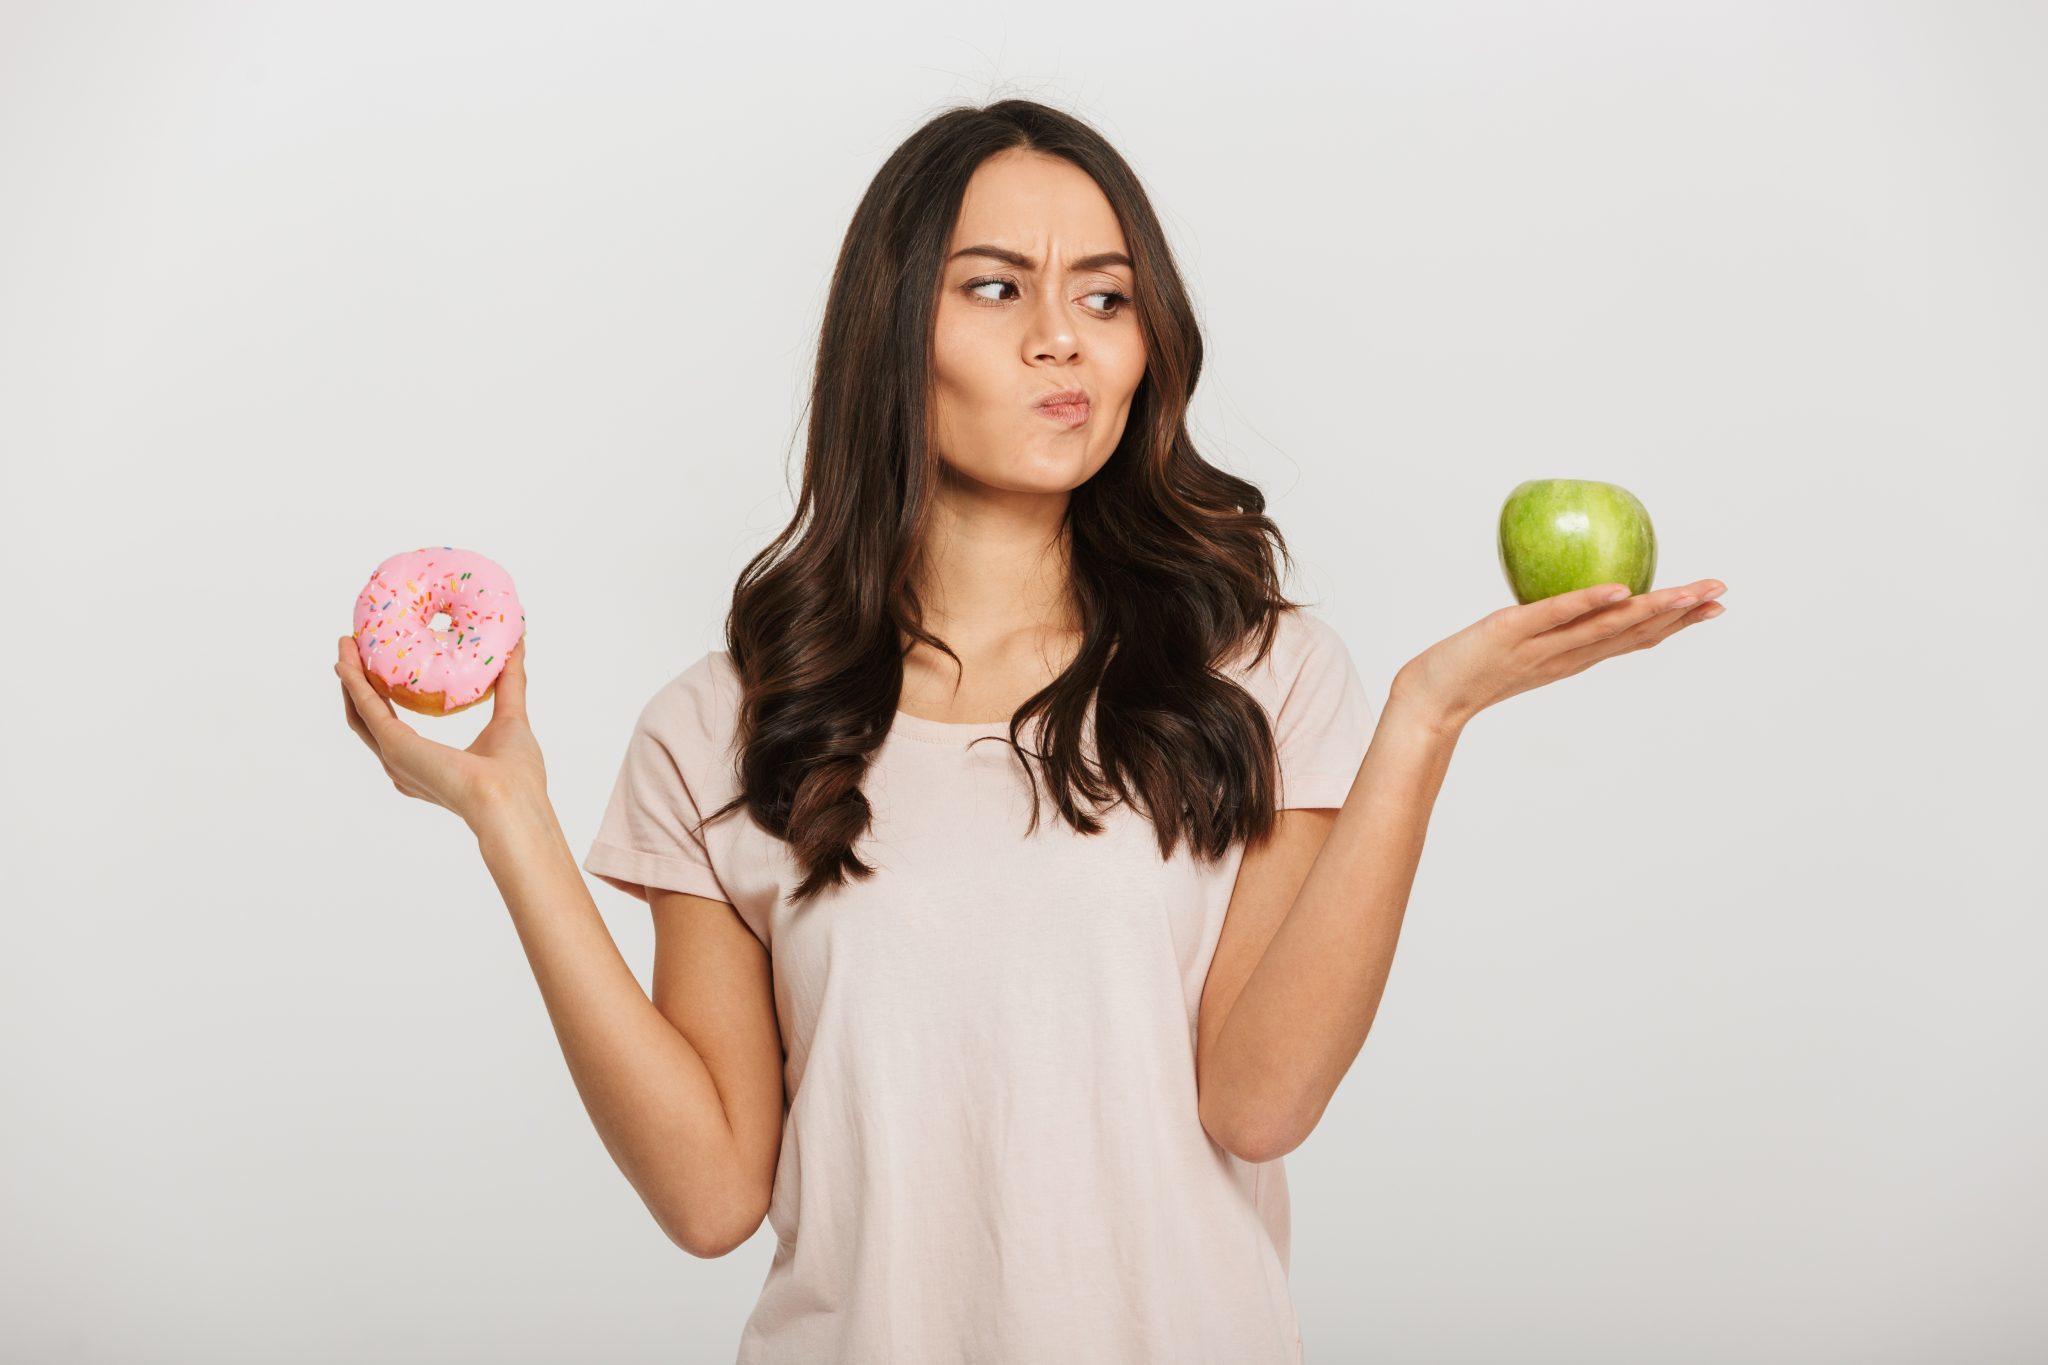 Woman deciding between eating junk food or eating healthy food